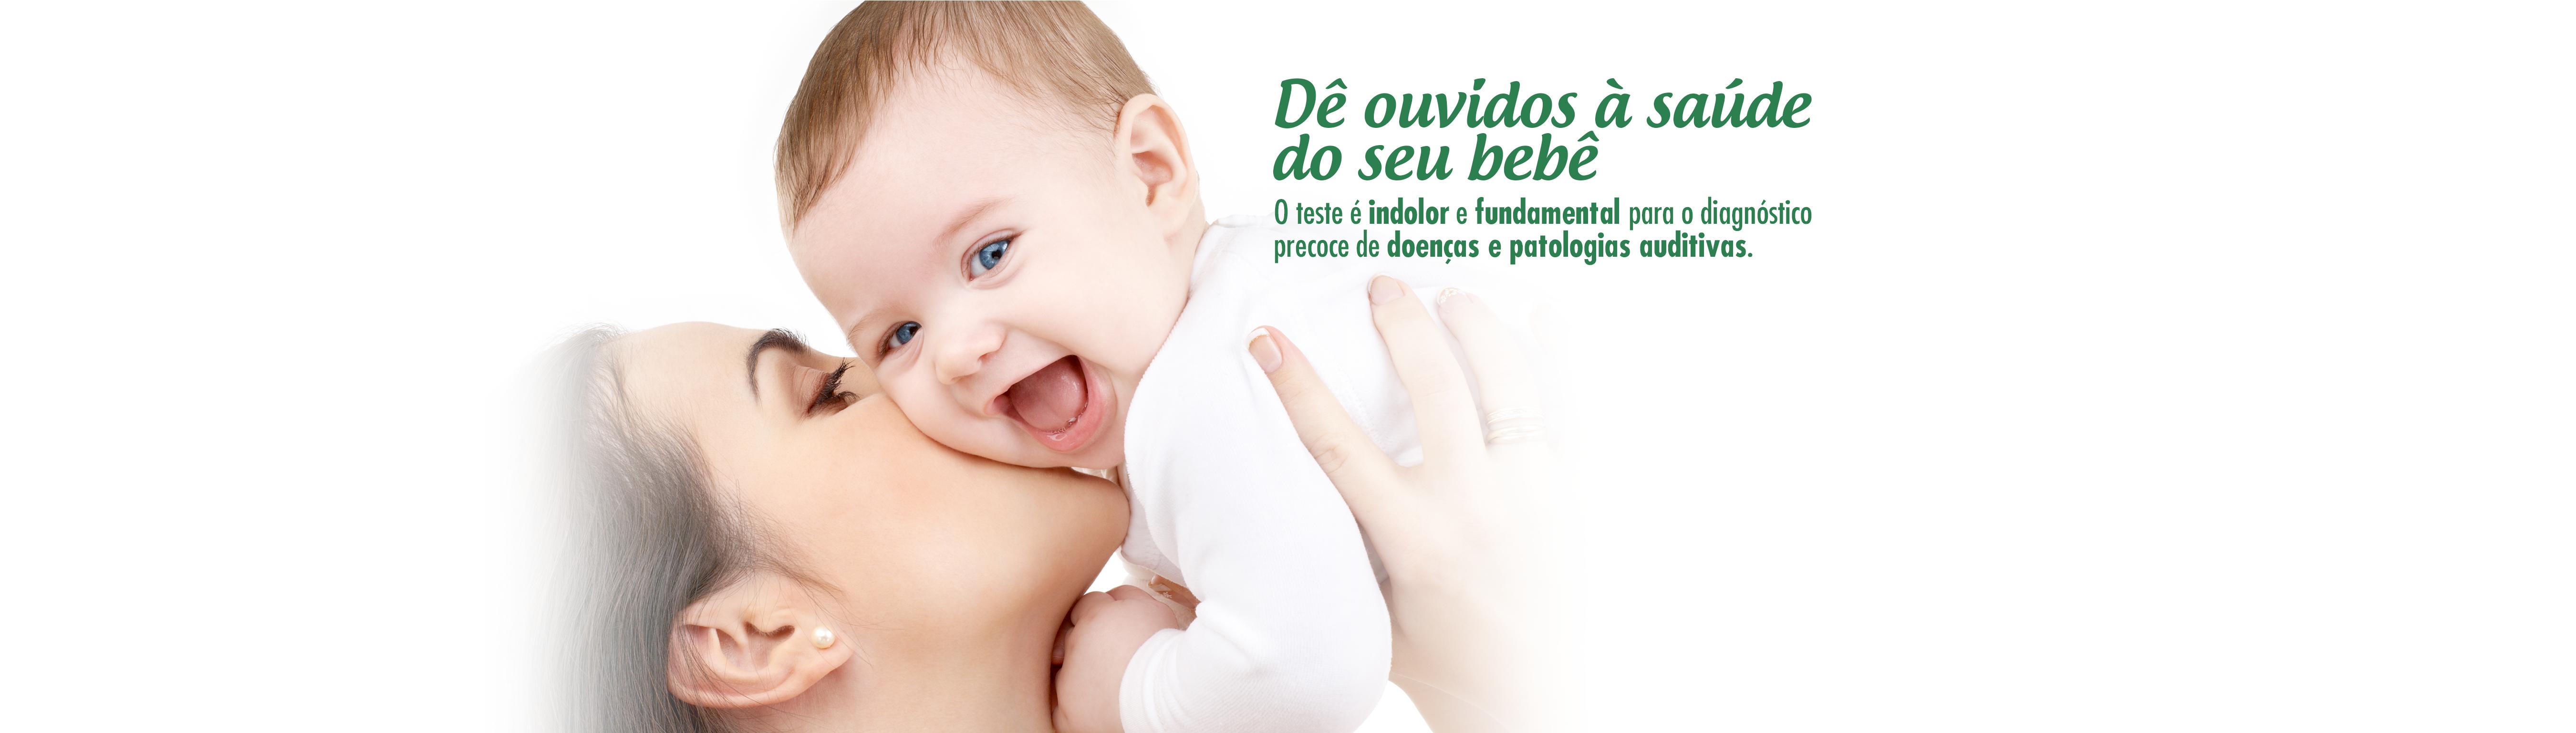 Banner-site-teste-da-orelhinha---Hospital-Otorrino-de-Goiânia---06.02